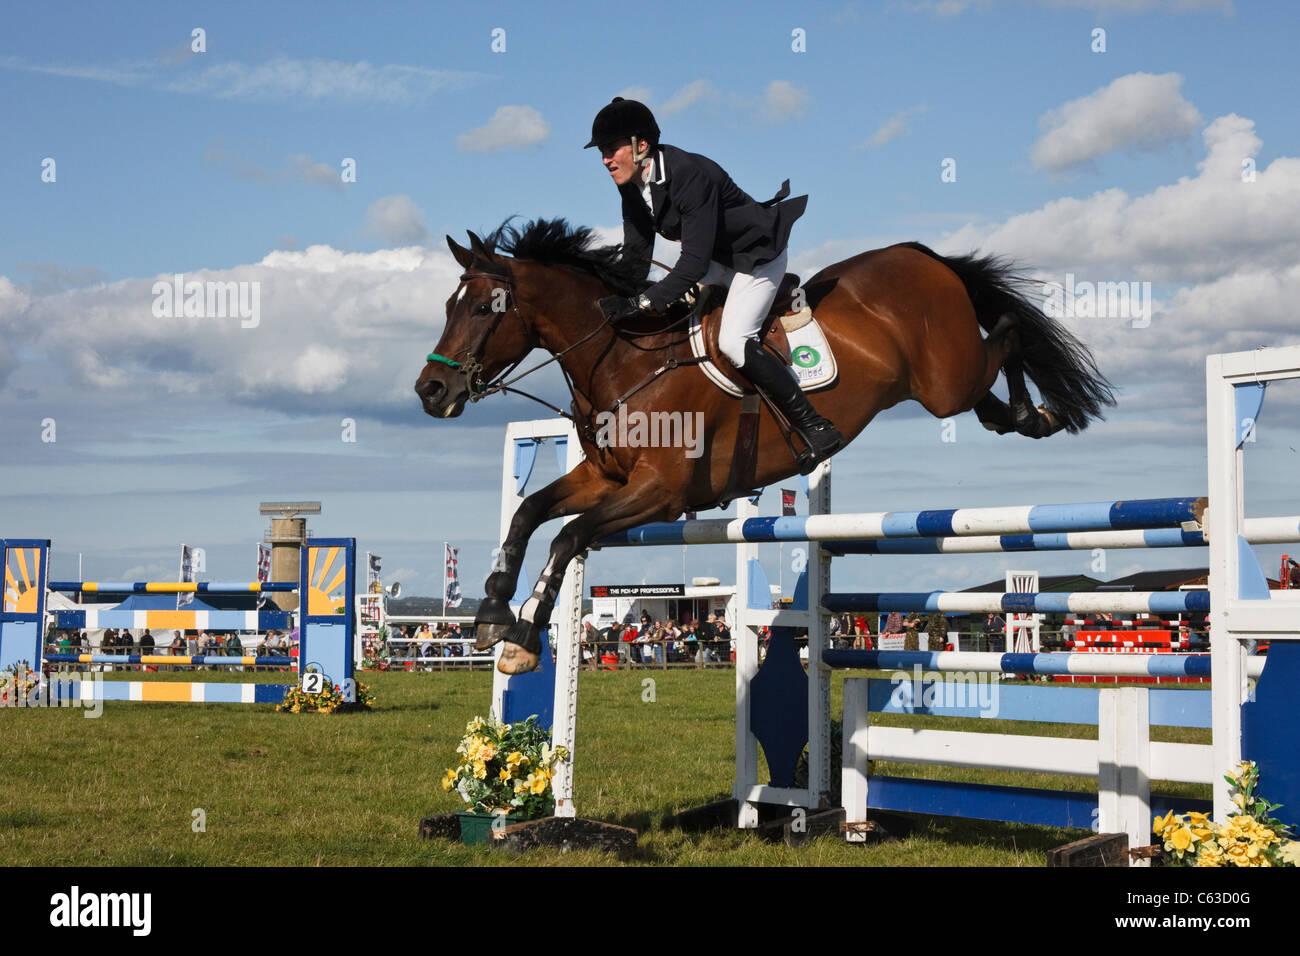 El norte de Gales, Reino Unido. Evento hípico internacional con caballo y jinete borrando los saltos en Anglesey Imagen De Stock